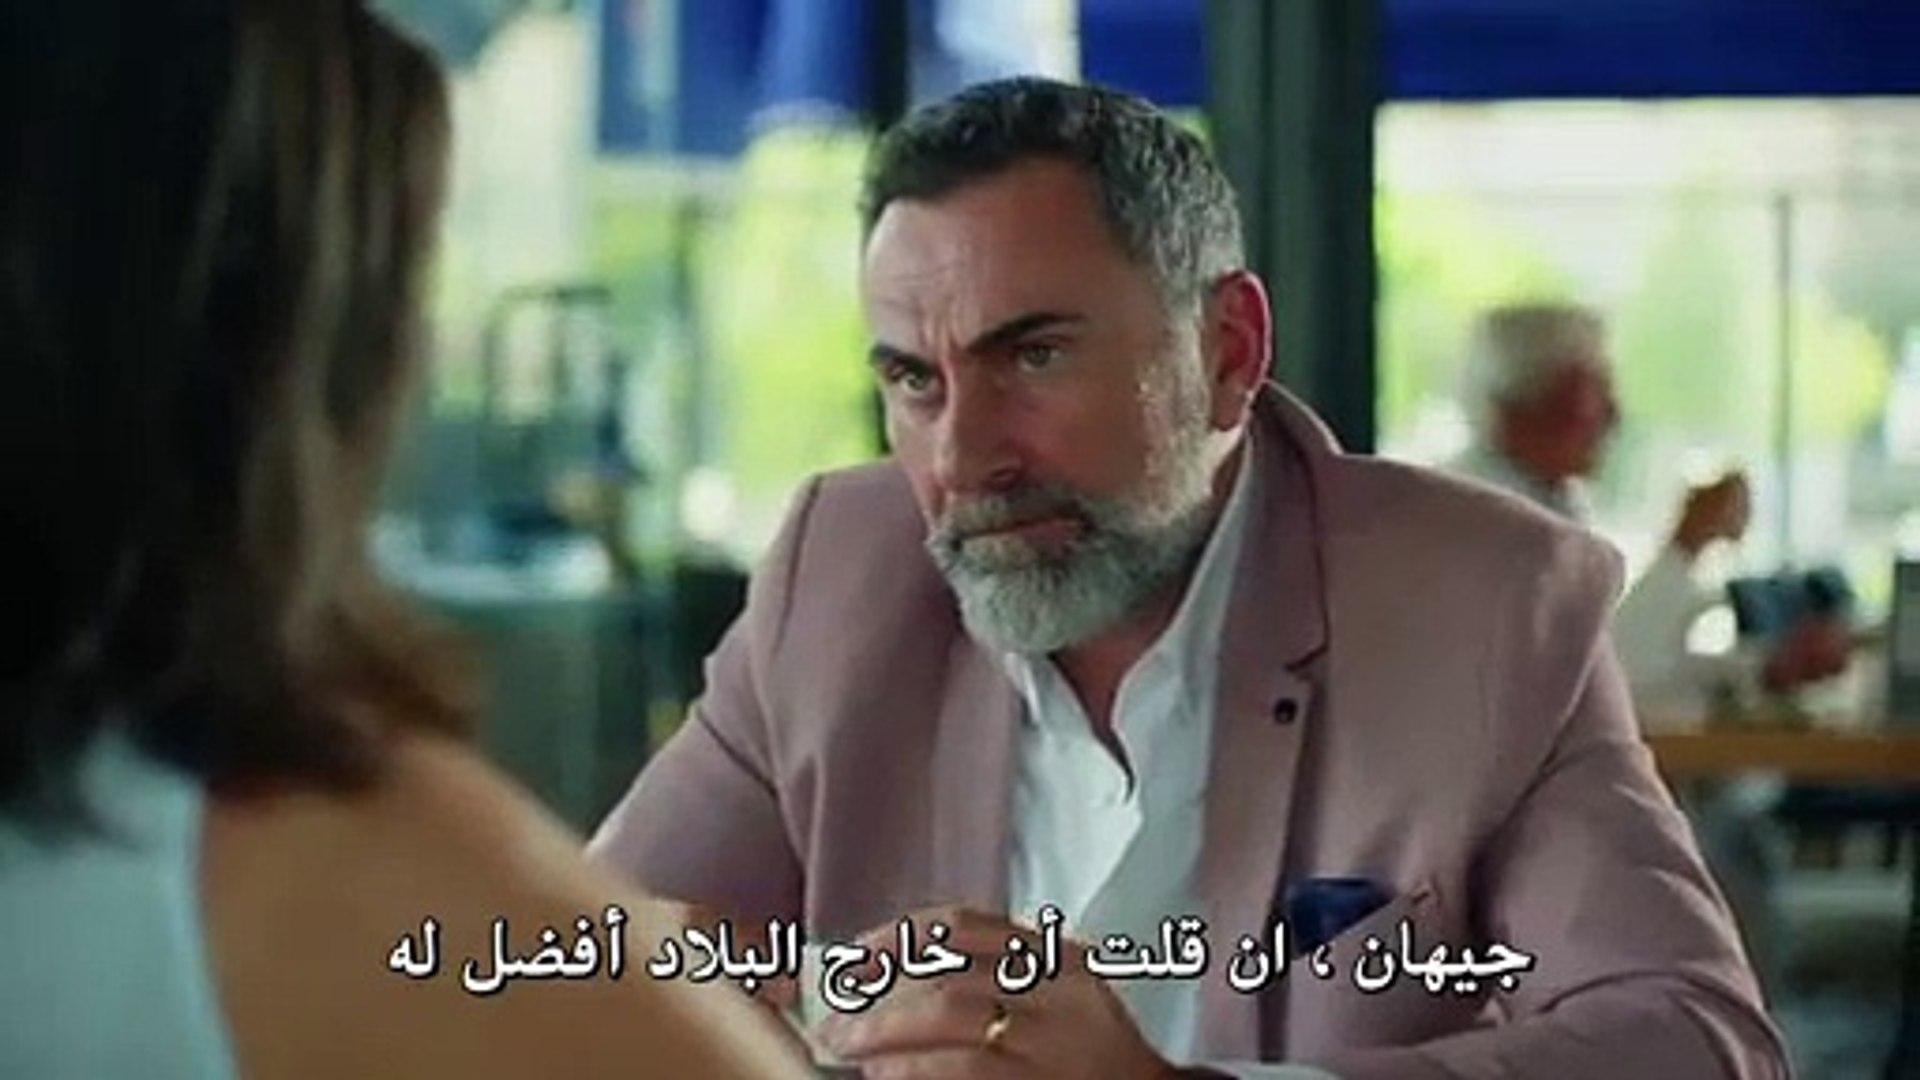 مسلسل الحلم الحلقة 1 القسم 3 الثالث مترجم للعربية